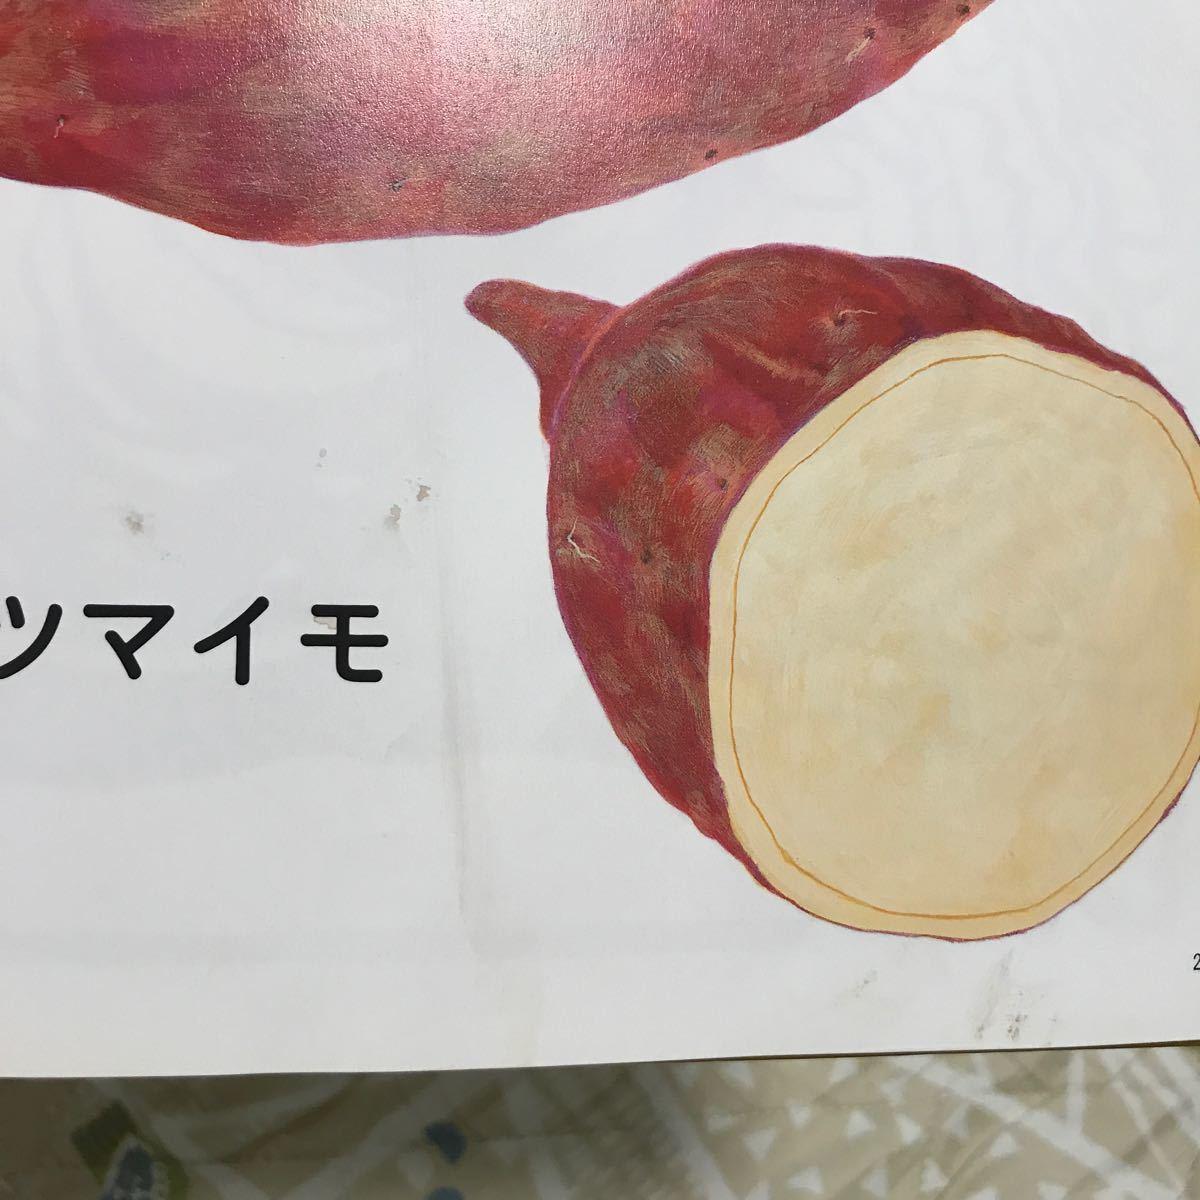 福音館 人気絵本 知育絵本 赤ちゃん絵本 くだもの がたんごとんがたんごとん やさいのおなか 保育園 幼稚園 家庭保育